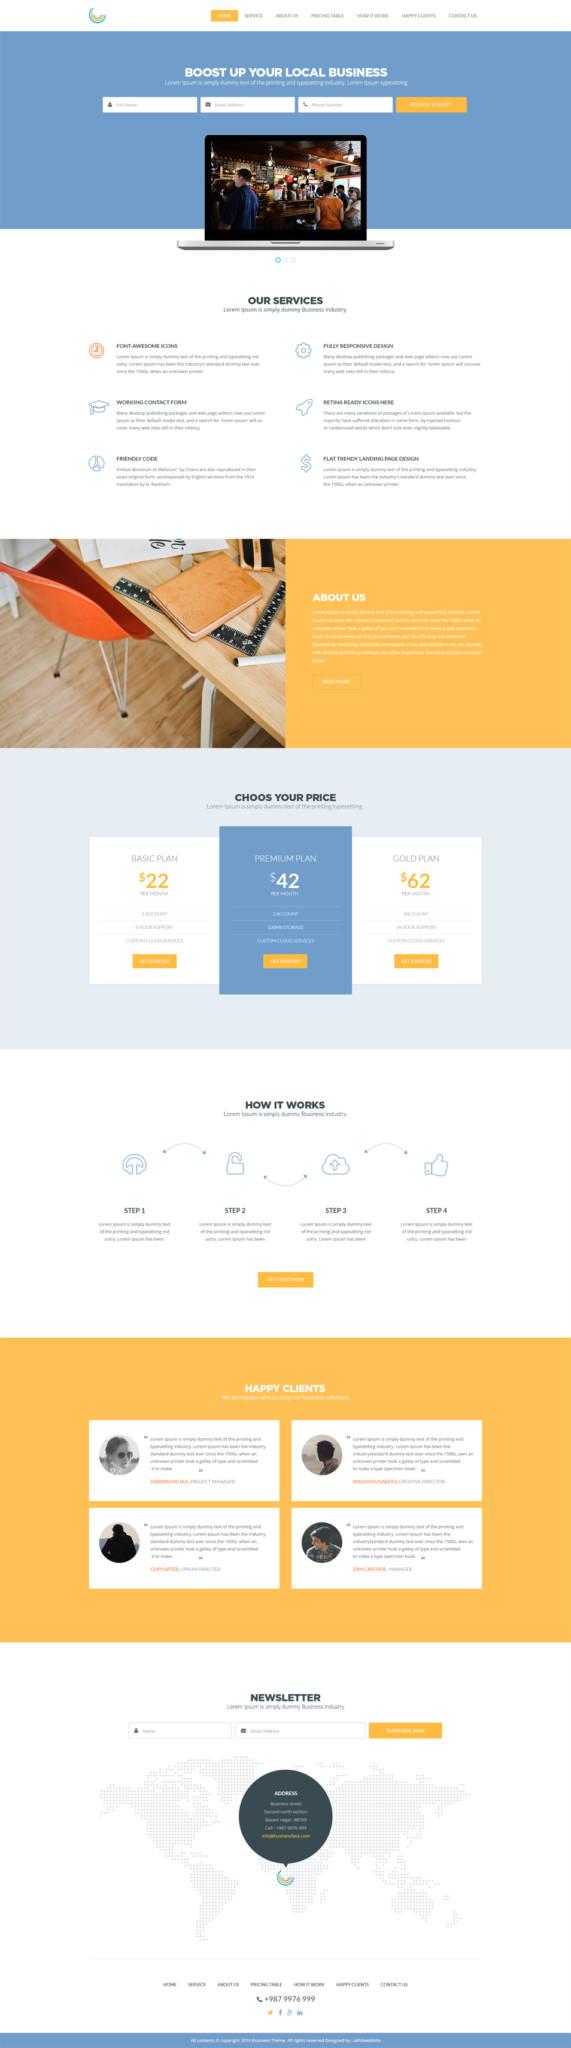 Business Templates - cssauthor.com